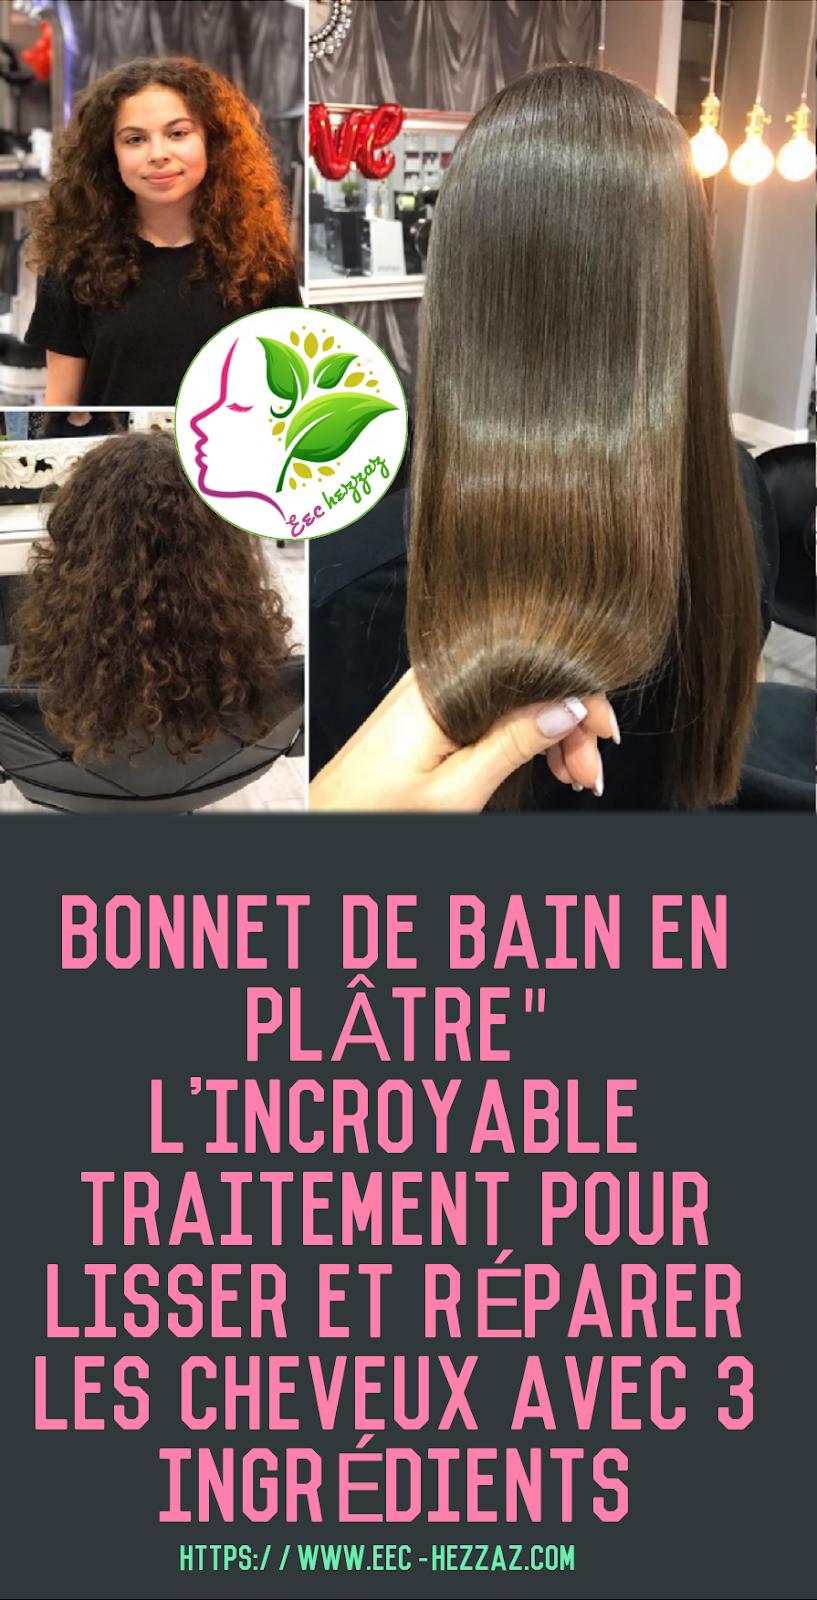 """Bonnet de bain en plâtre"""" l'incroyable traitement pour lisser et réparer les cheveux avec 3 ingrédients"""